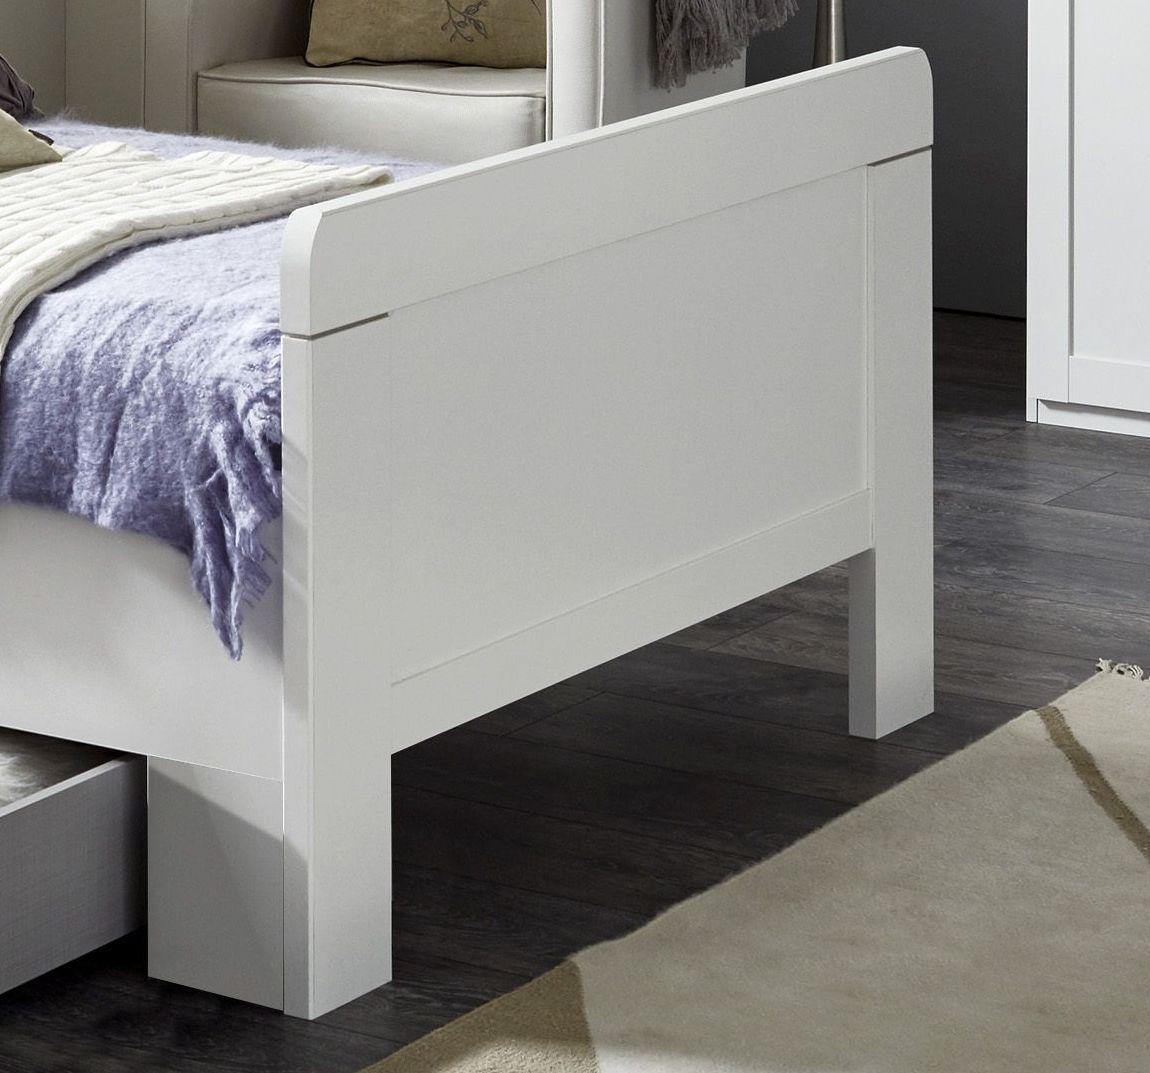 preiswertes wei es schubkastenbett f r eine person aradeo. Black Bedroom Furniture Sets. Home Design Ideas